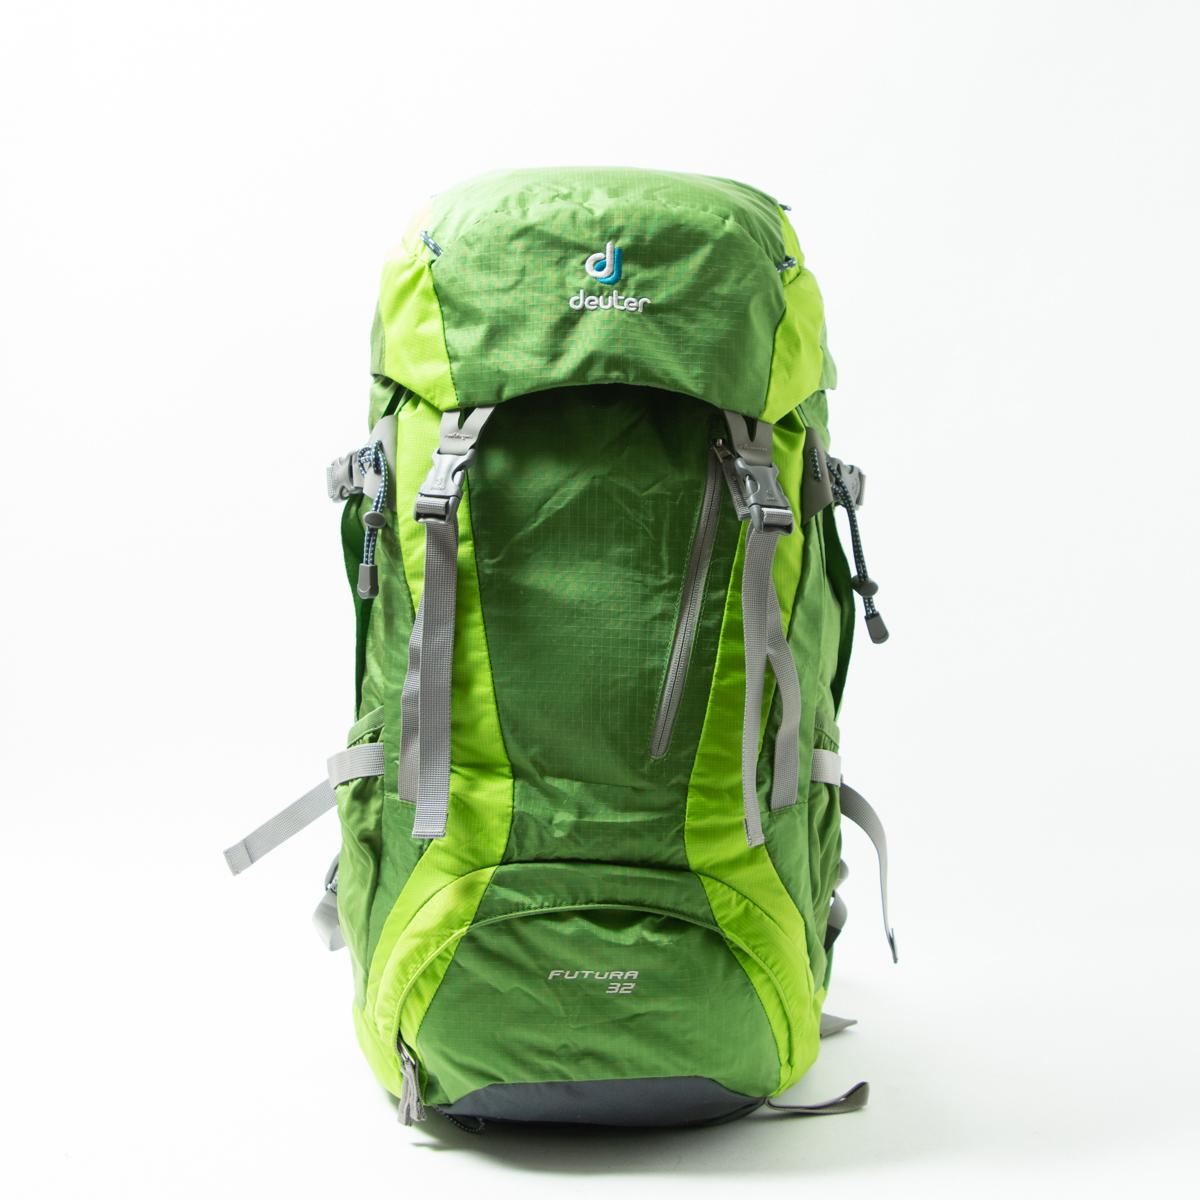 【1円スタート】deuter Futura ドイター フューチュラ 30L トレッキング バックパック リュック 登山 アウトドア 鞄 D3400718 グリーン 緑